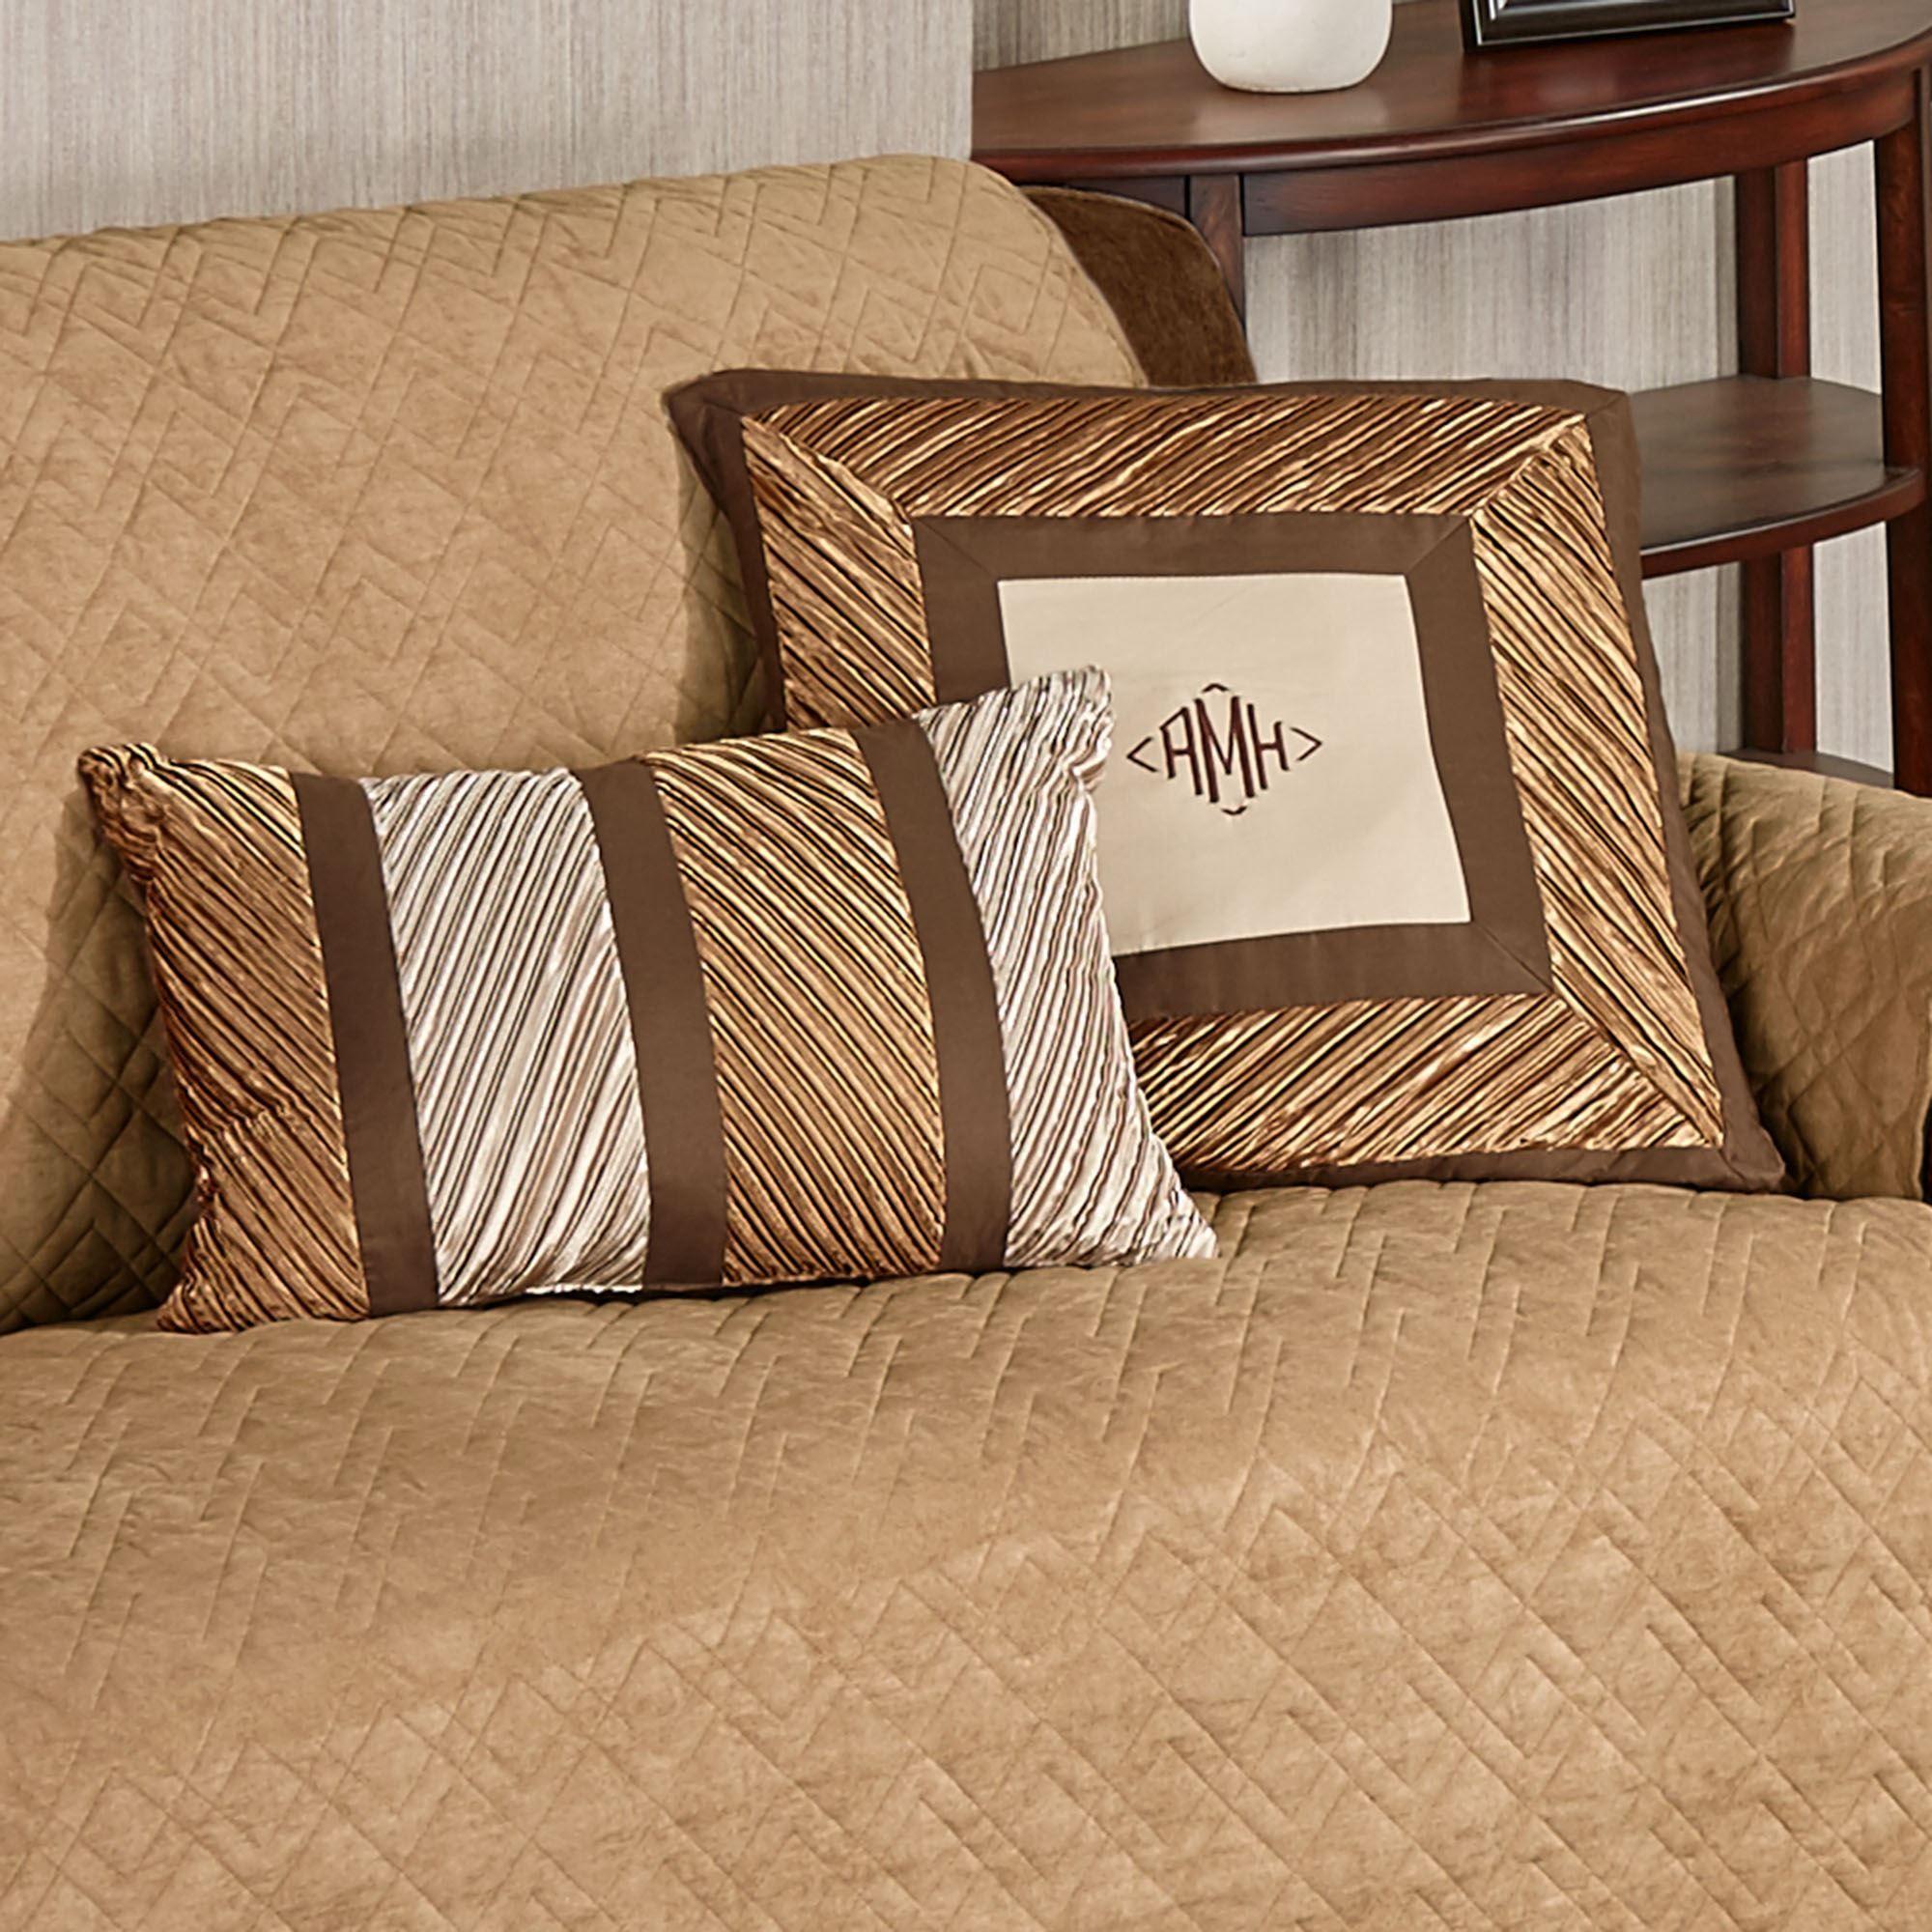 Delta Contemporary Decorative Pillows